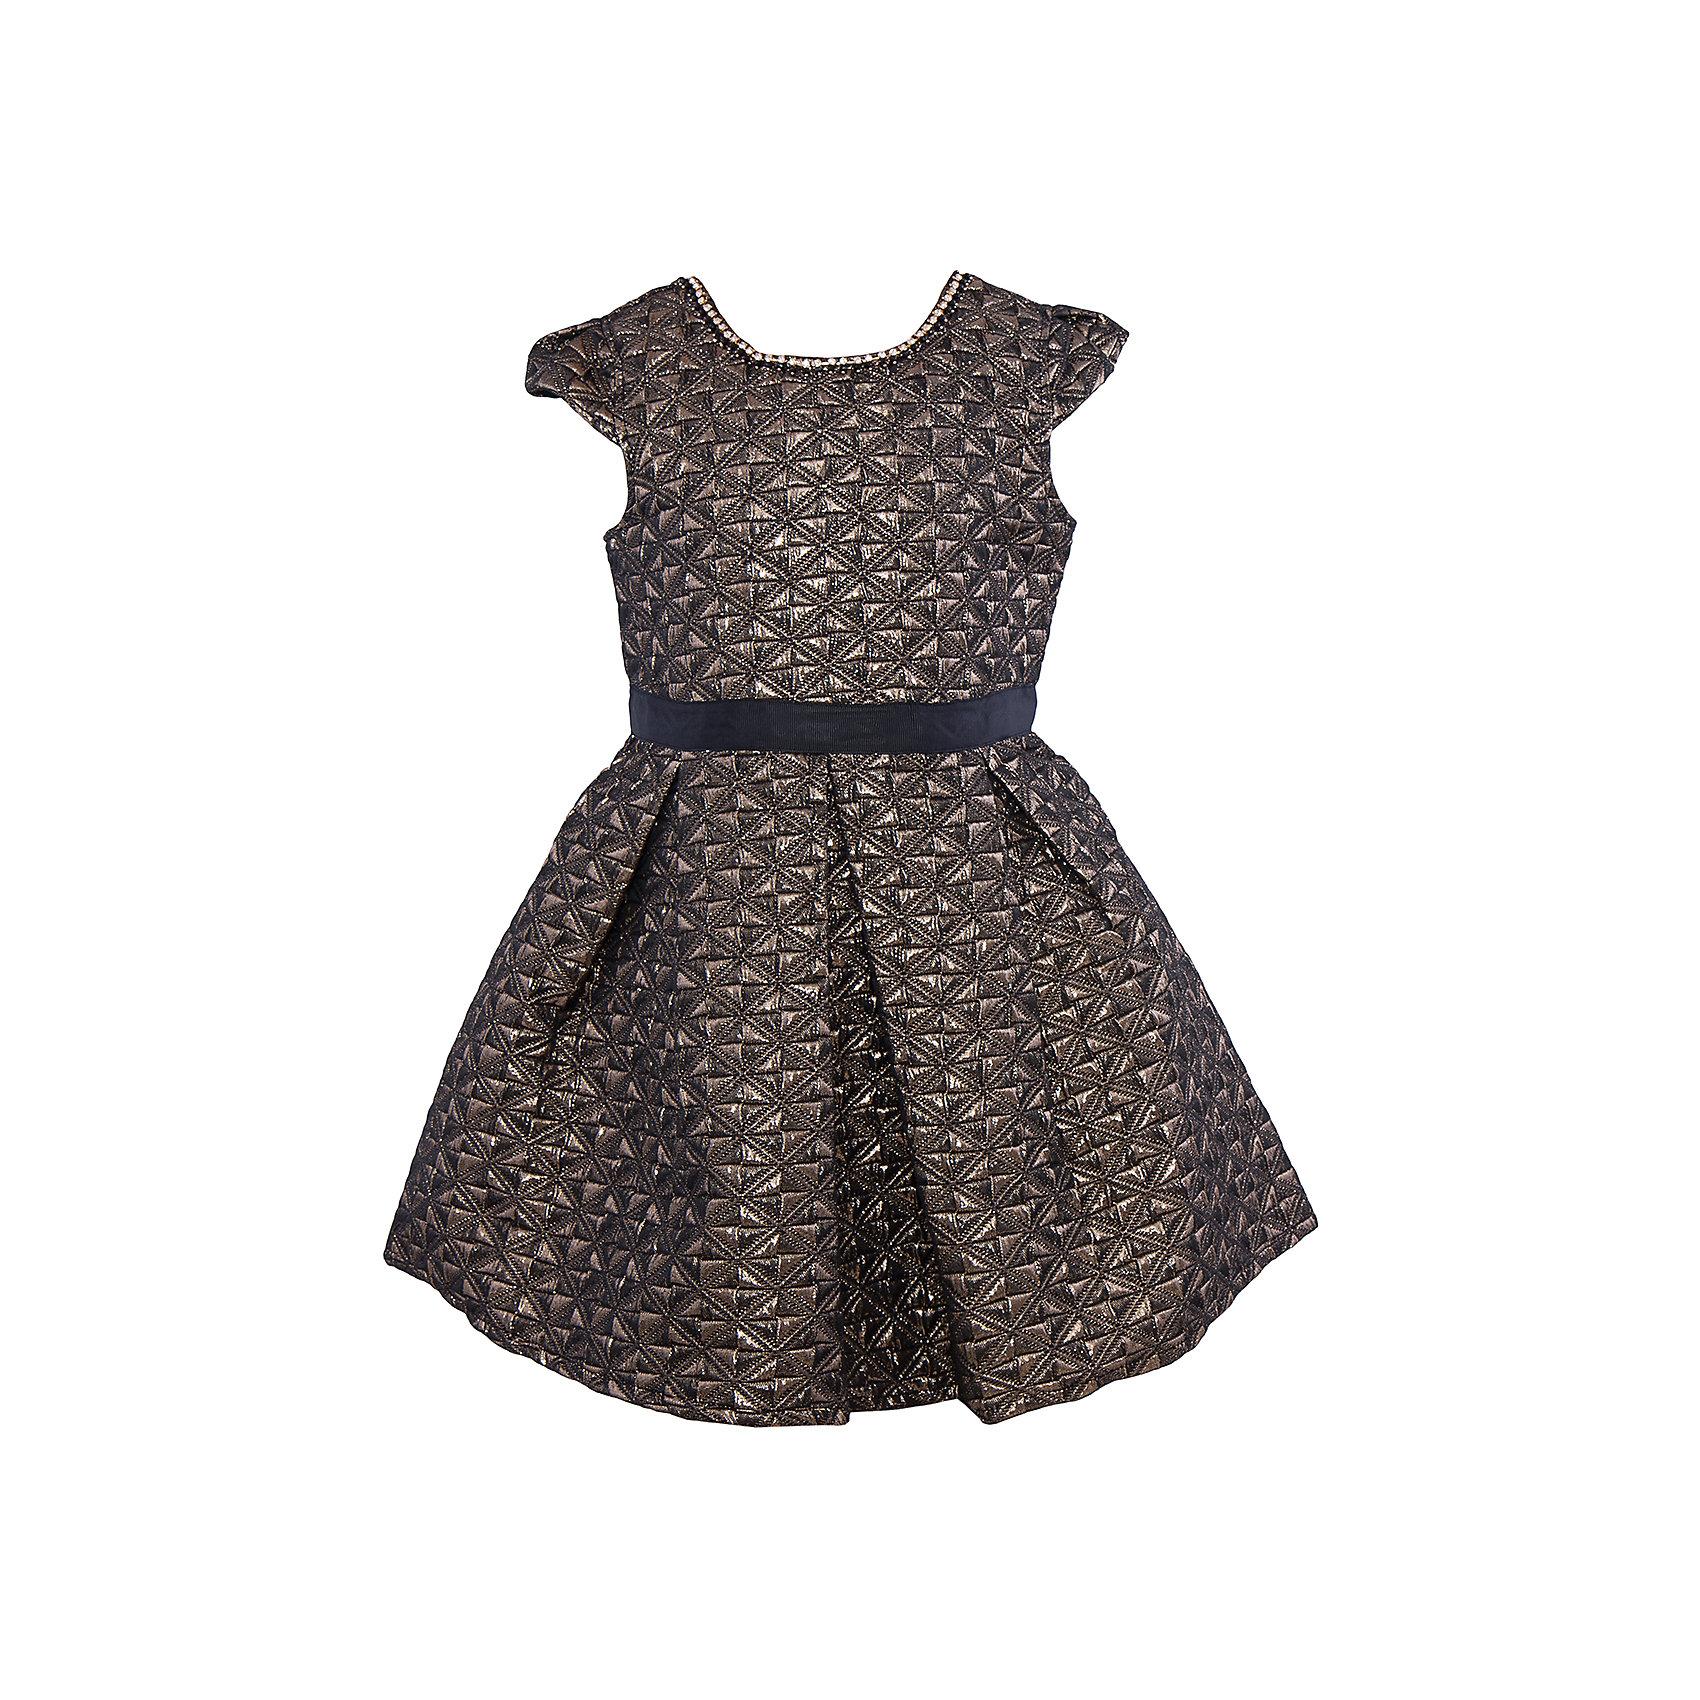 Нарядное платье для девочки Sweet BerryОдежда<br>Характеристики:<br><br>• Вид одежды: платье<br>• Предназначение: для праздника, торжеств<br>• Сезон: круглый год<br>• Материал: верх – 100% полиэстер; подкладка – 100% хлопок<br>• Цвет: золотистый, черный<br>• Силуэт: классический А-силуэт<br>• Длина платья: миди<br>• Длина рукава: короткий<br>• Вырез горловины: круглый, оформлен декоративной ожерельем из страз<br>• Наличие репсового пояса<br>• Застежка: молния на спинке<br>• Особенности ухода: ручная стирка без применения отбеливающих средств, глажение при низкой температуре <br><br>Sweet Berry – это производитель, который сочетает в своей одежде функциональность, качество, стиль и следование современным мировым тенденциям в детской текстильной индустрии. <br>Стильное платье для девочки от знаменитого производителя детской одежды Sweet Berry выполнено из полиэстера с хлопковой подкладкой. Изделие имеет классический силуэт с отрезной талией и многослойную юбку. Полочка и верхняя юбка выполнены из ткани с жаккардовым узором золотистого цвета. Горловина оформлена ожерельем из страз. У платья короткие рукава, пышность которым придает складка у основания. В комплекте имеется неширокий репсовый пояс. Праздничное платье от Sweet Berry – это залог успеха вашего ребенка на любом торжестве!<br><br>Платье для девочки Sweet Berry можно купить в нашем интернет-магазине.<br><br>Ширина мм: 236<br>Глубина мм: 16<br>Высота мм: 184<br>Вес г: 177<br>Цвет: черный<br>Возраст от месяцев: 36<br>Возраст до месяцев: 48<br>Пол: Женский<br>Возраст: Детский<br>Размер: 104,98,110,116,122,128<br>SKU: 5052203